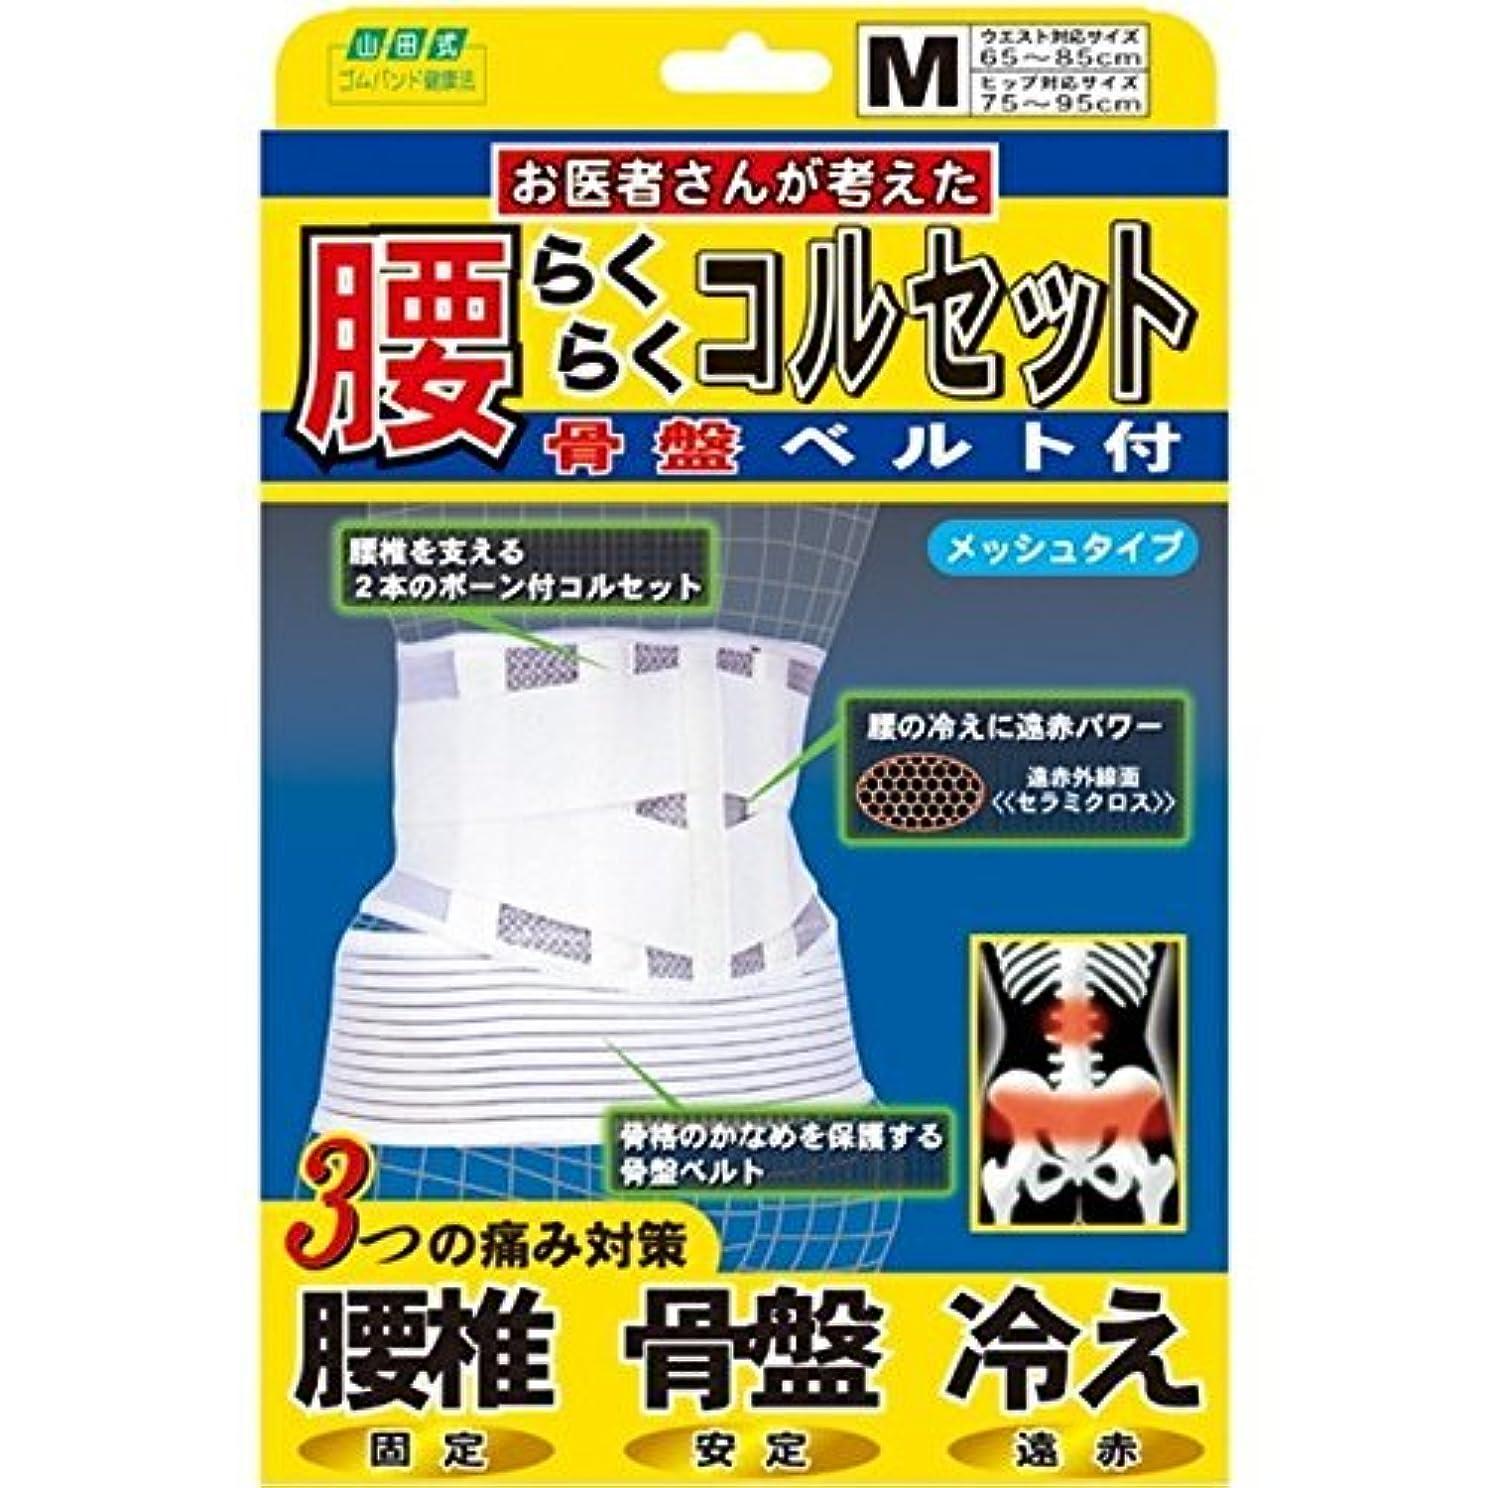 腰ラクラクコルセット骨盤ベルト付 M【2個セット】